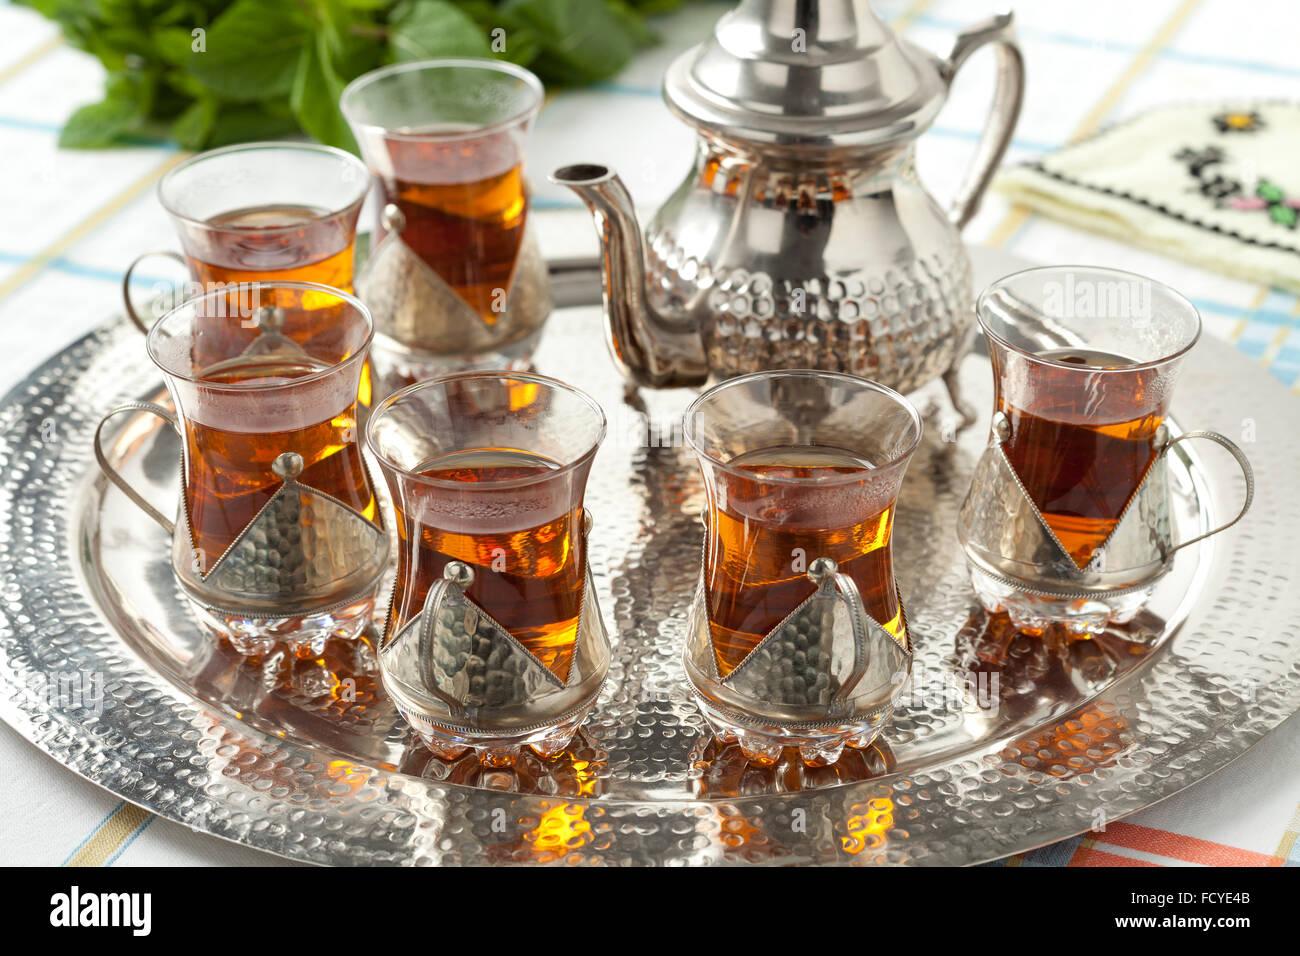 Traditionellen marokkanischen Tee Gläser und Topf auf einem Tablett Stockbild